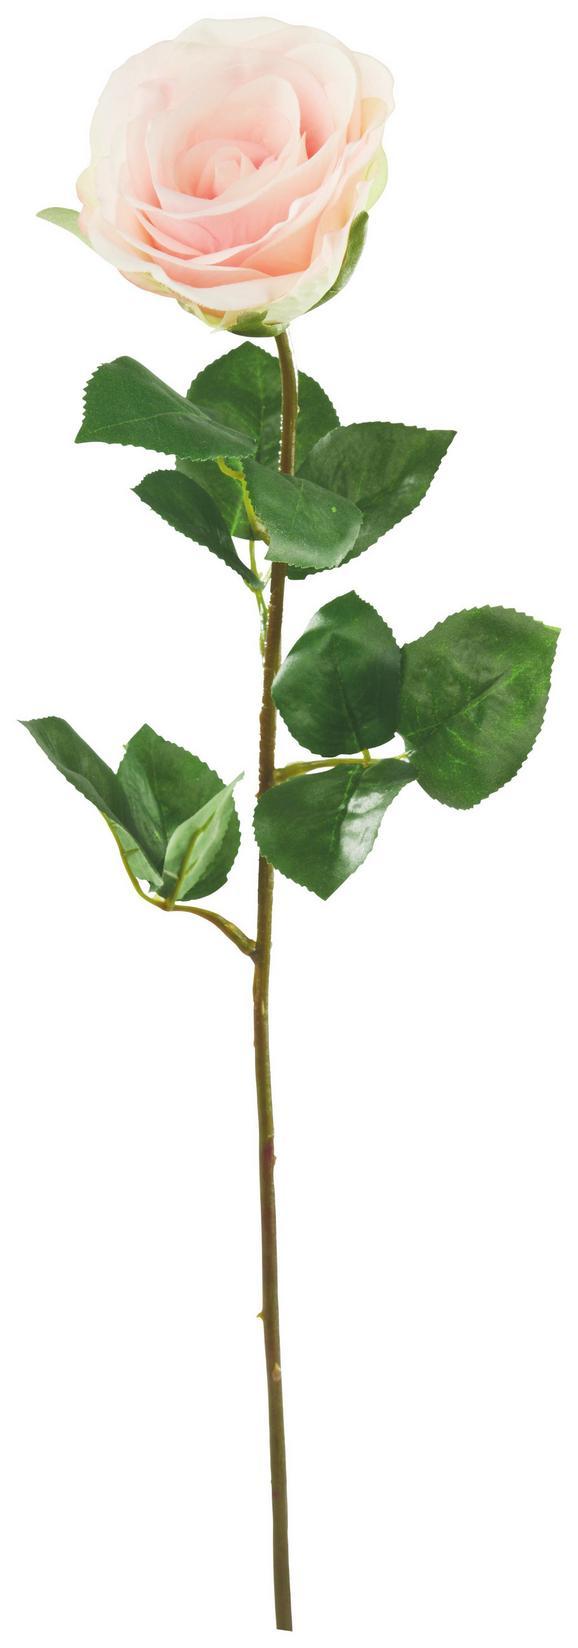 Művirág Rose - Rózsaszín/Zöld, Műanyag (69cm) - Mömax modern living